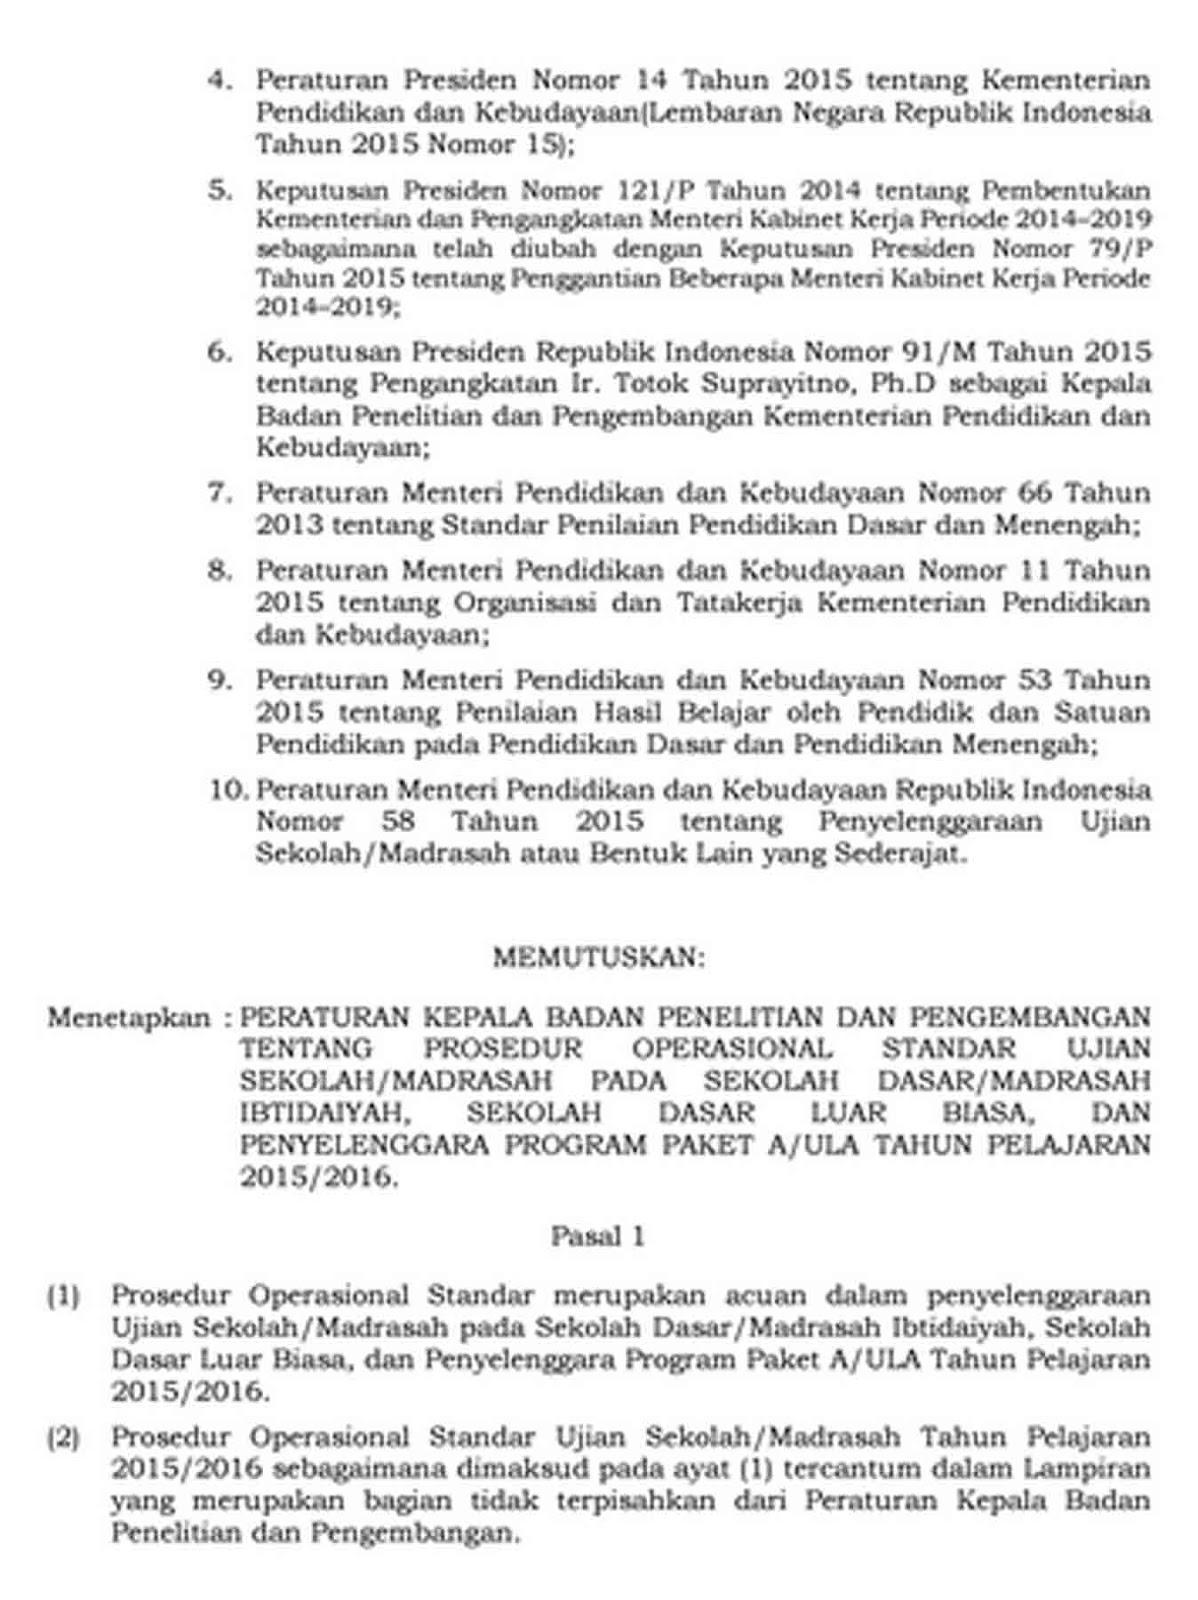 POS dan KISI-KISI UJIAN SEKOLAH SD/MI 2016